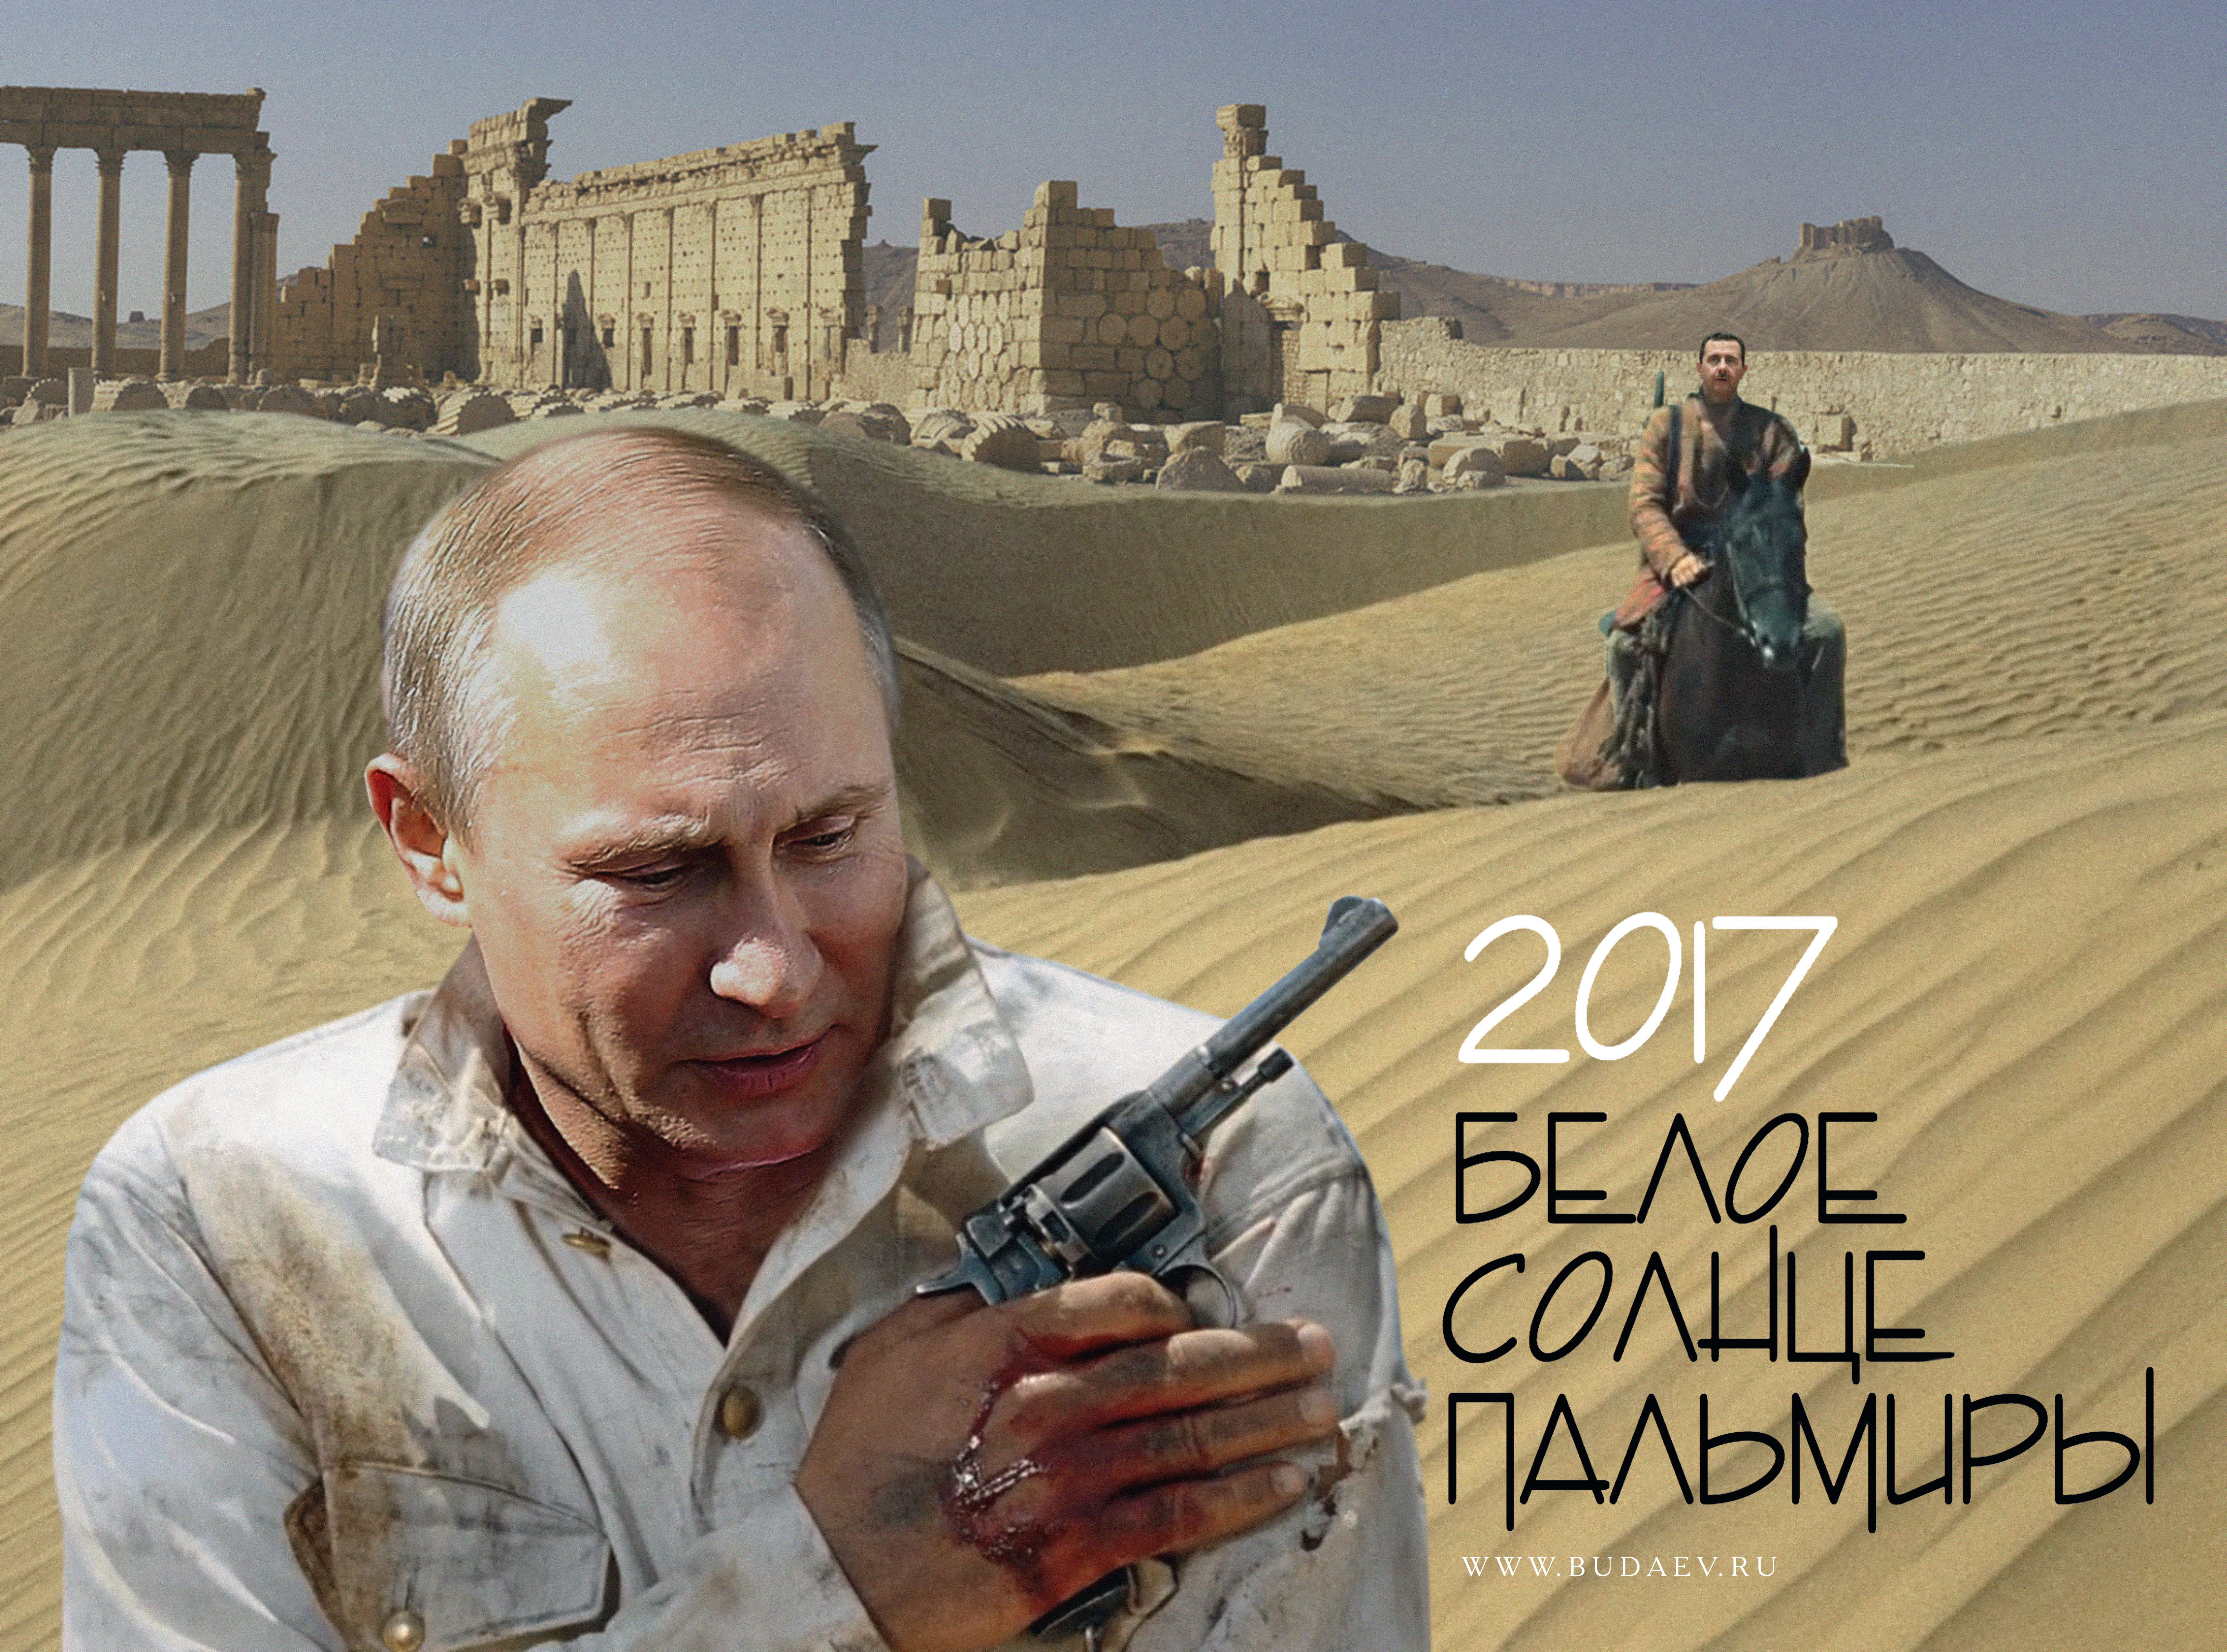 Свежий календарь по мотивам культового фильма. Фото: budaev.ru